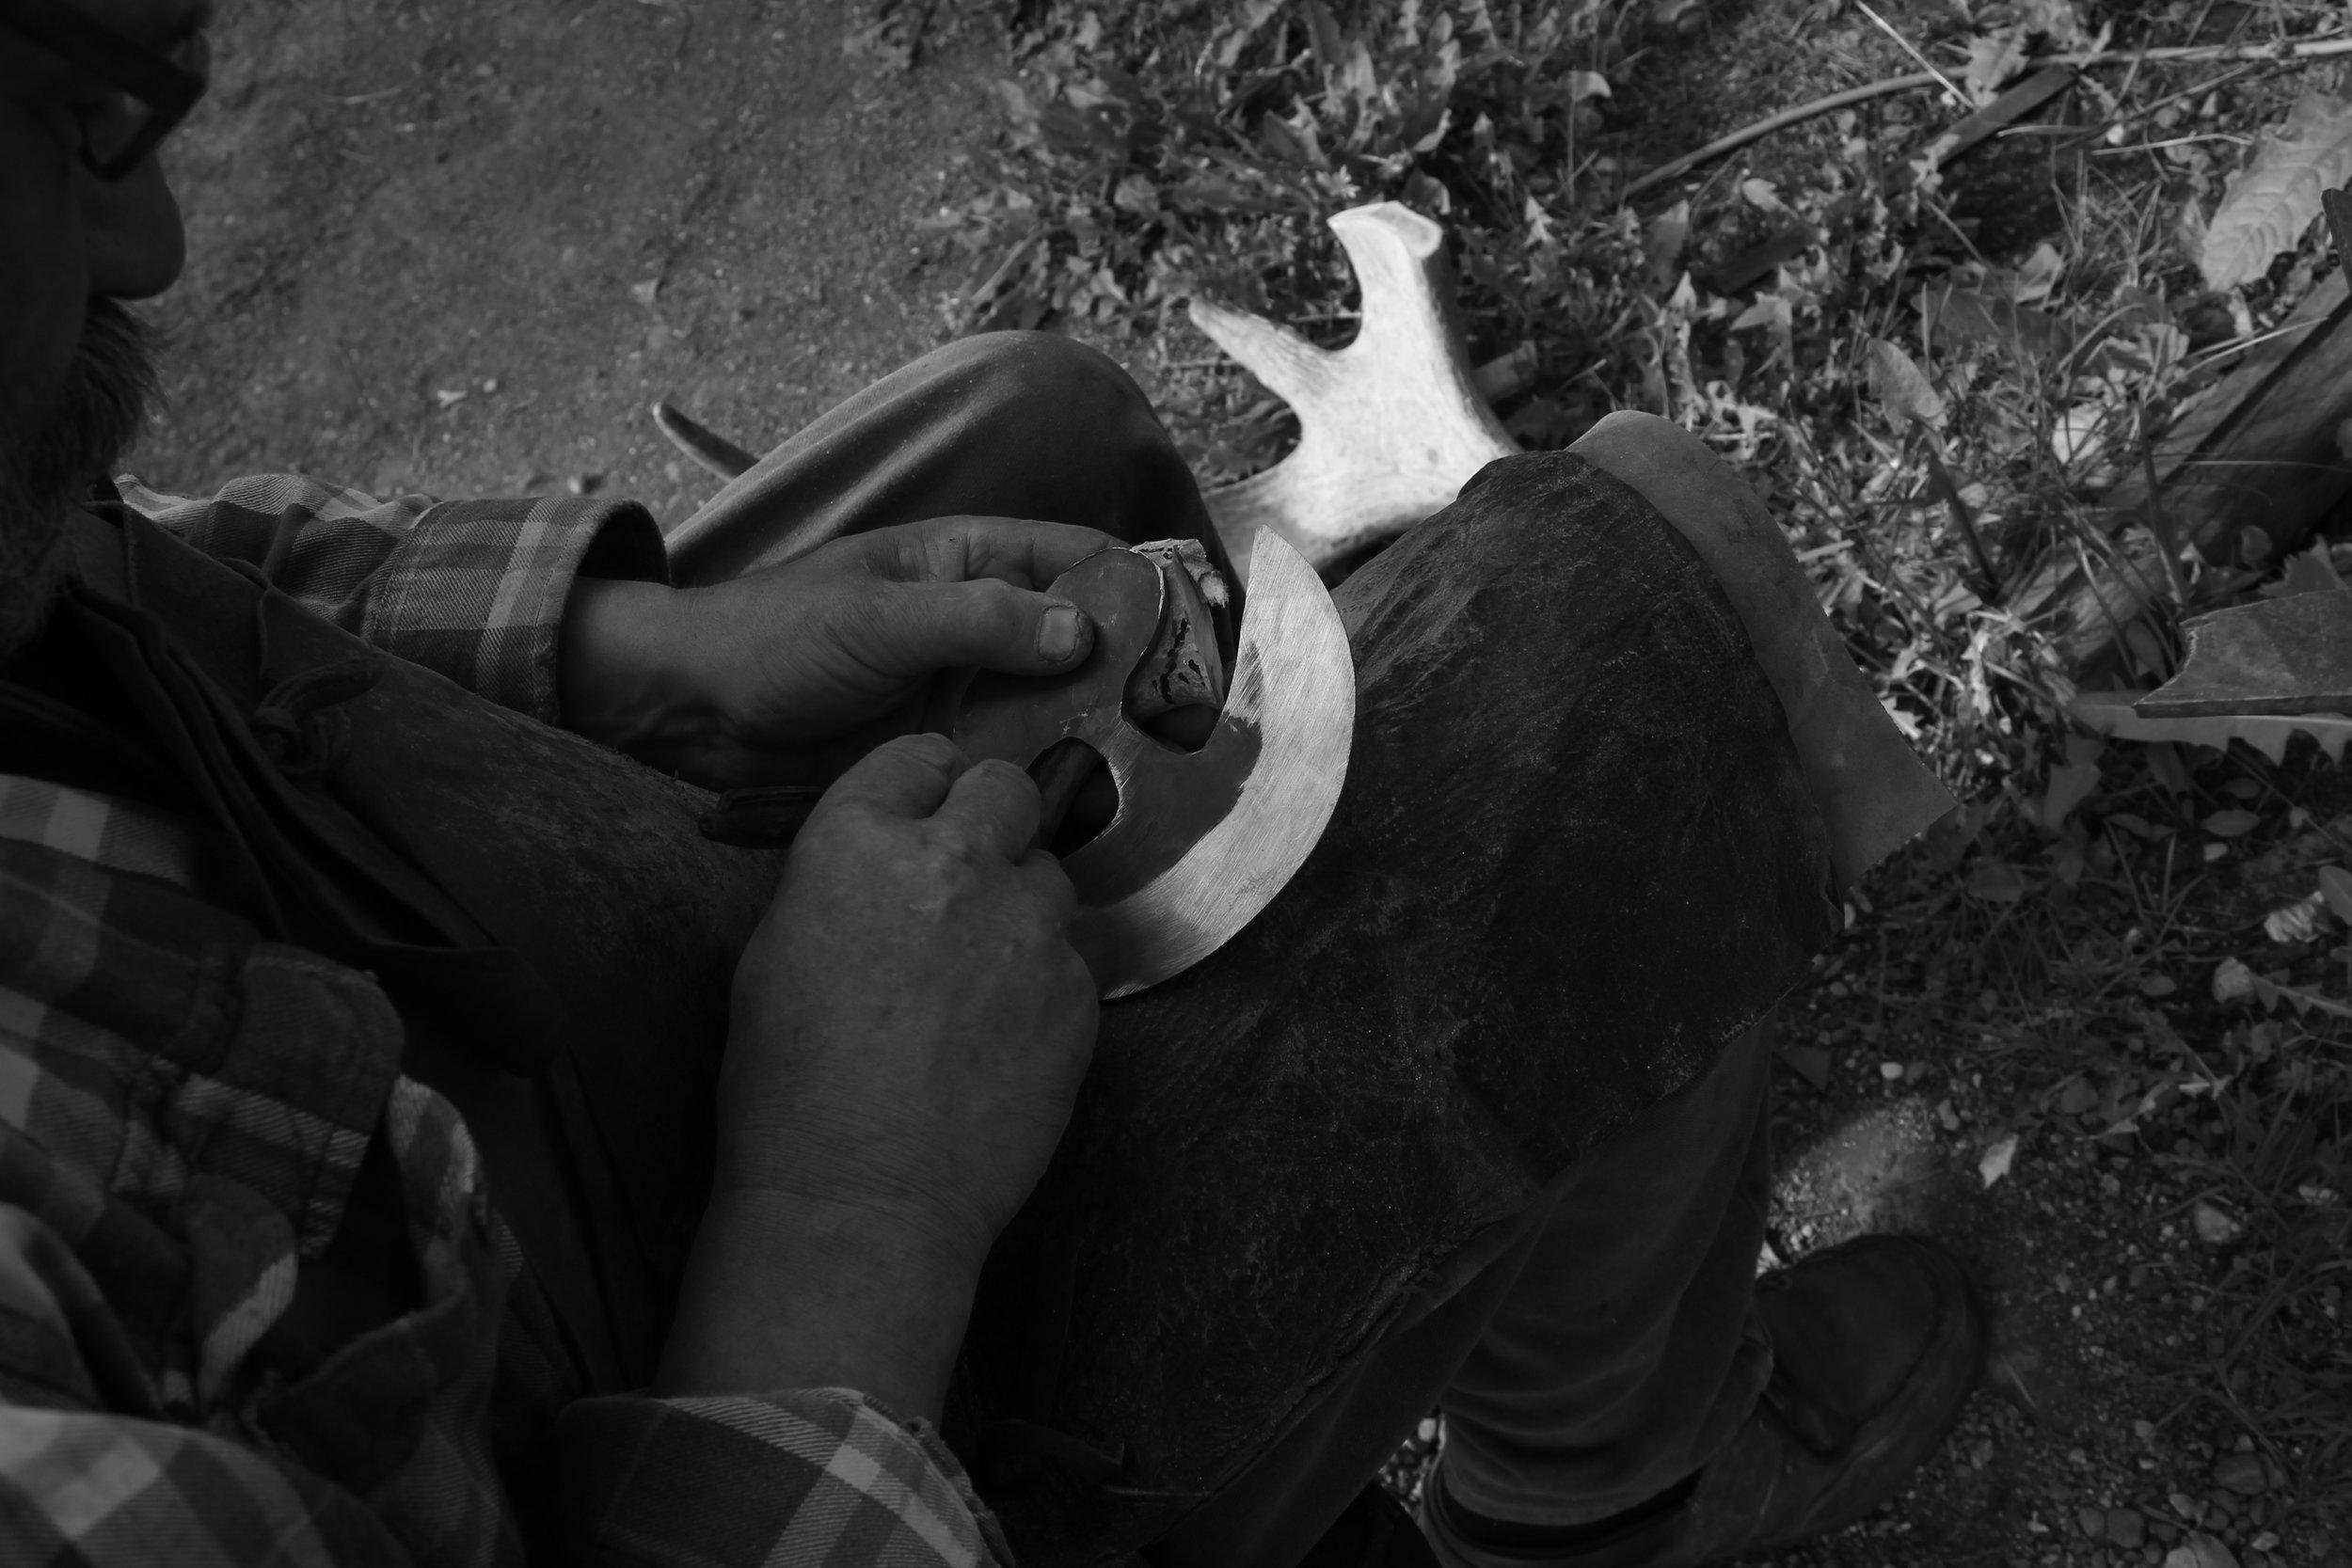 Making an ulu knife.